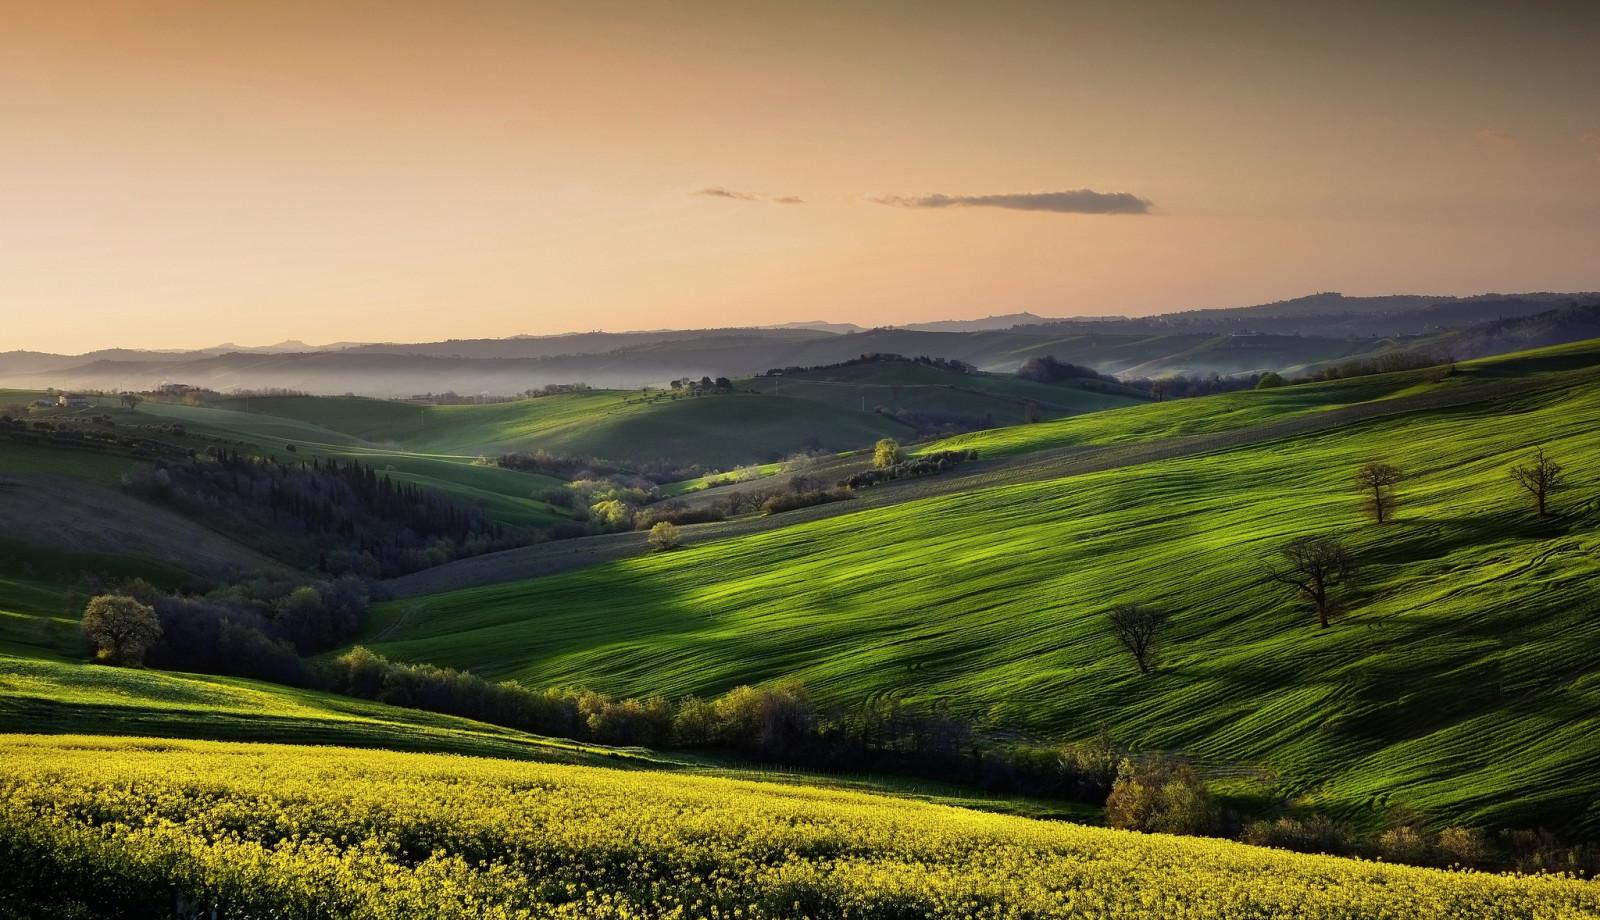 поля и долины картинки широком понимании стукалкой